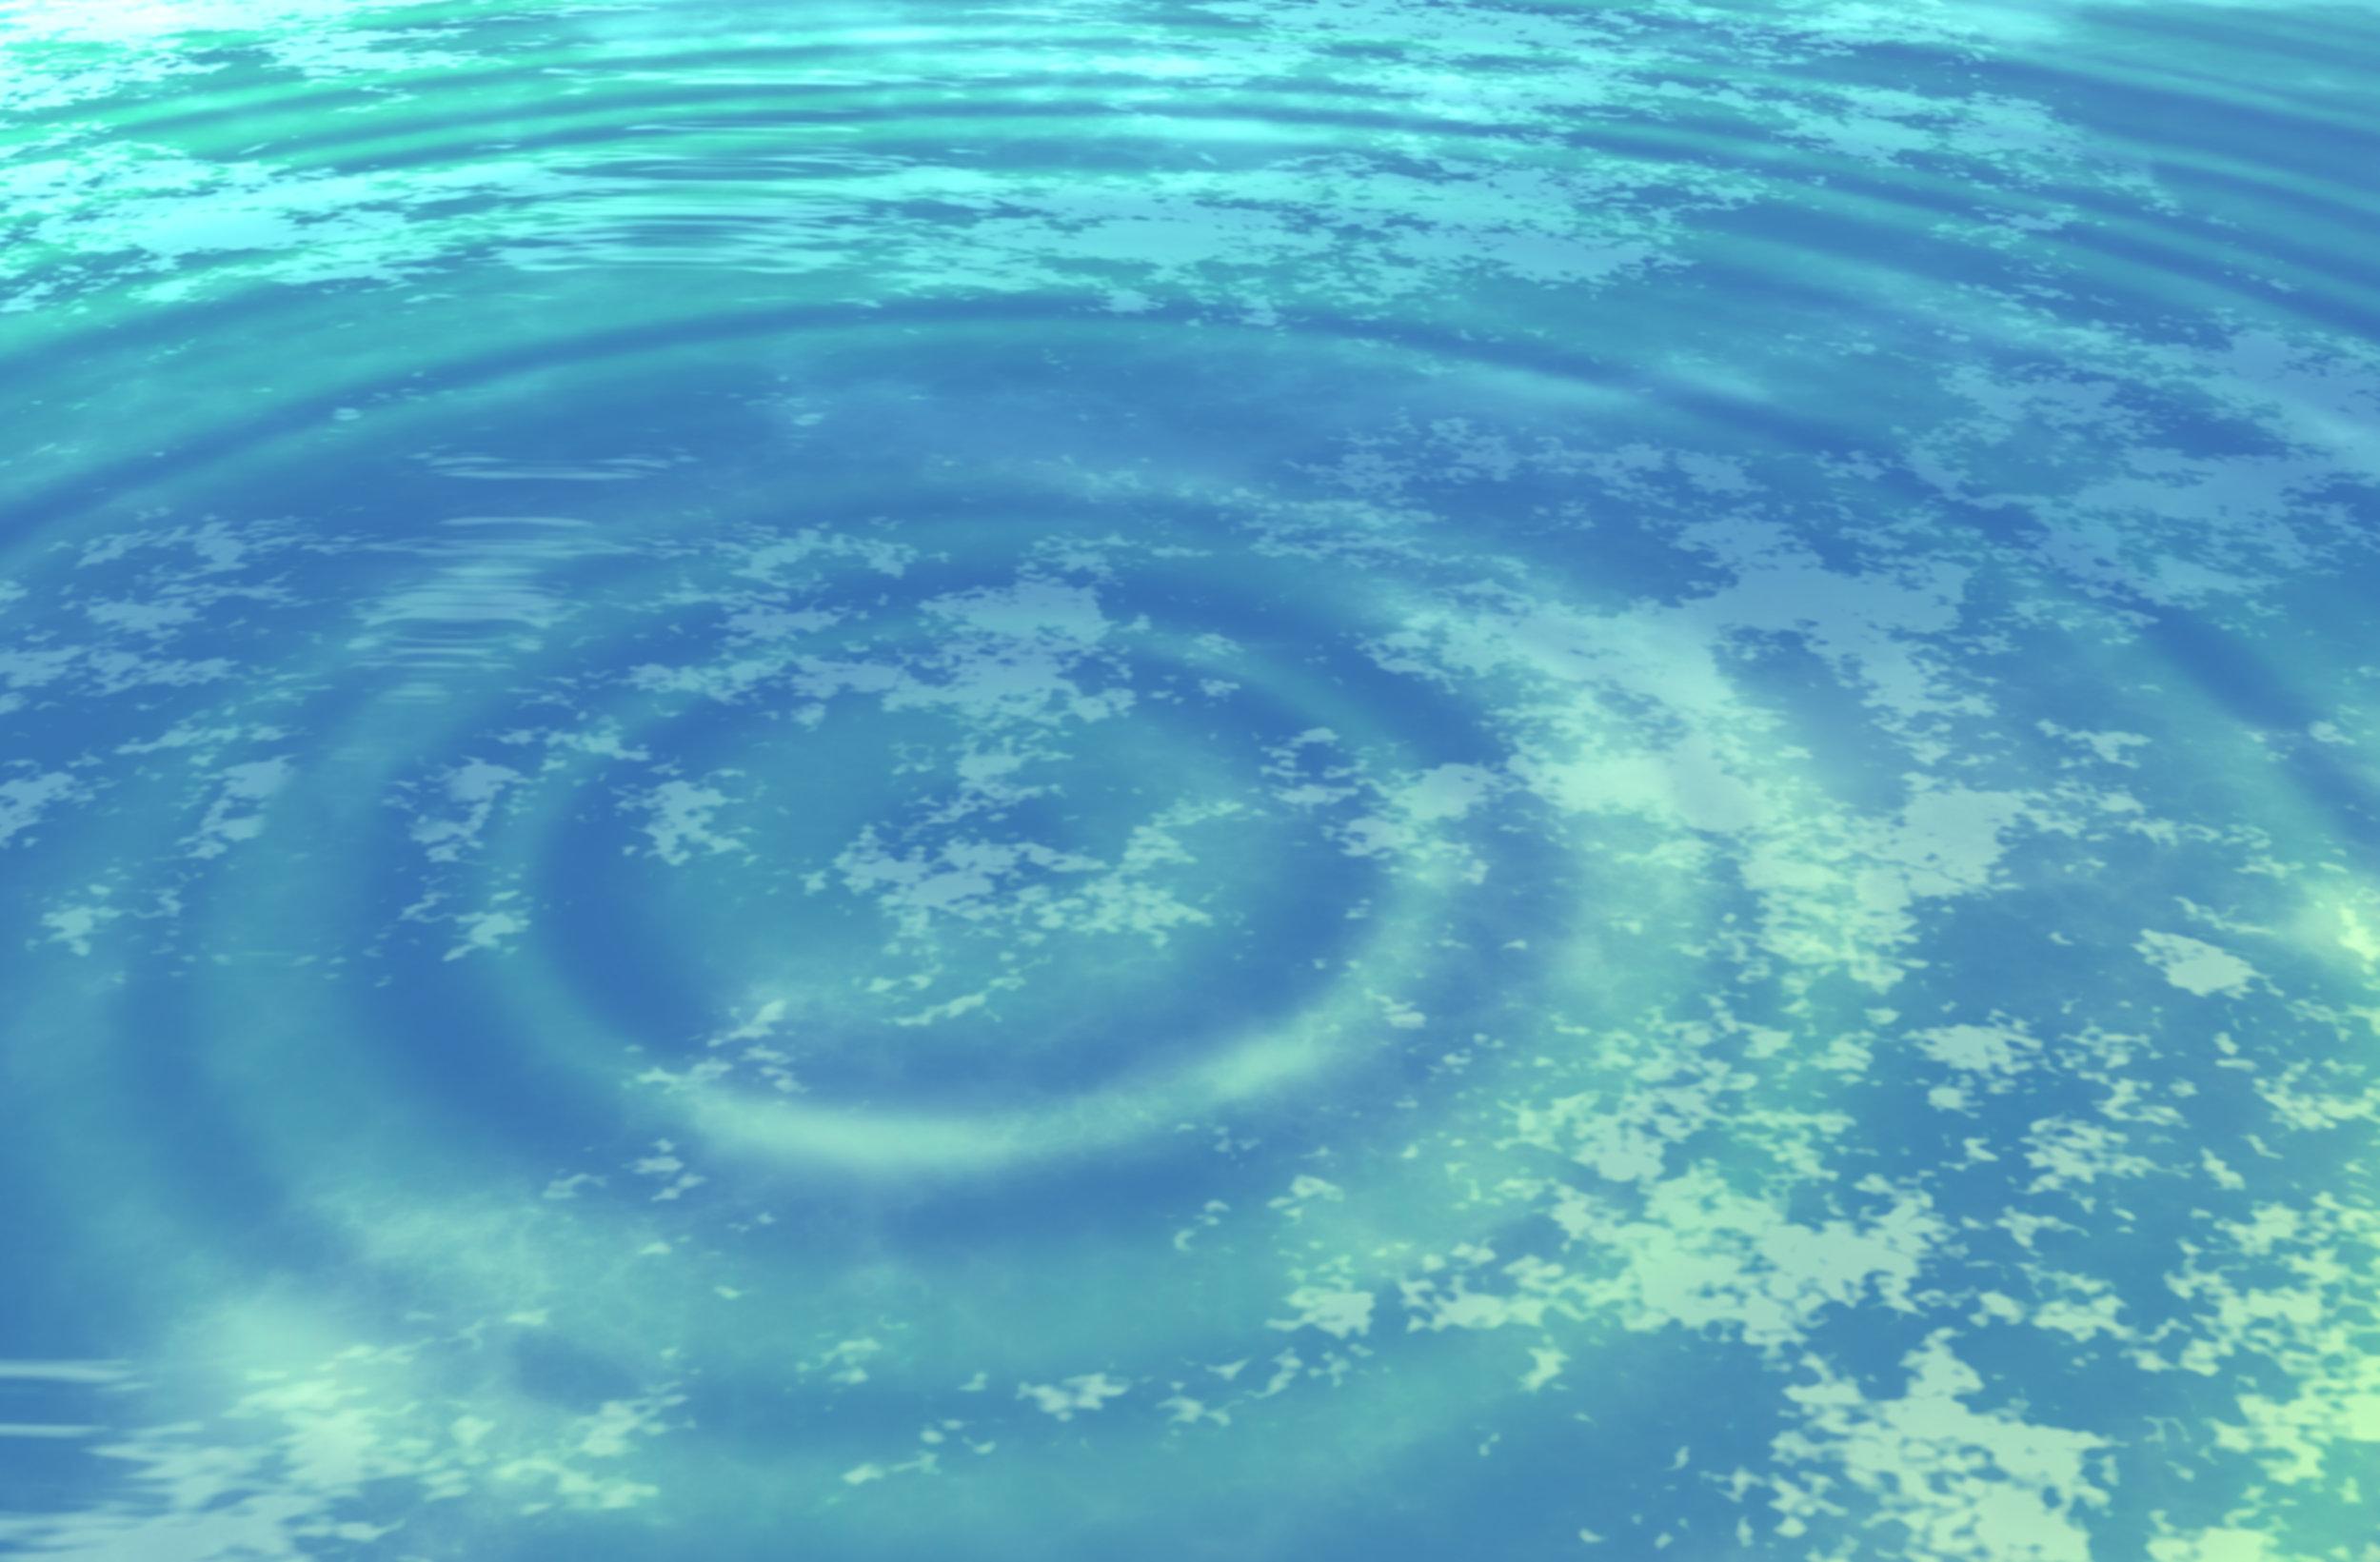 Glowing-blue-spiral-or-vortex